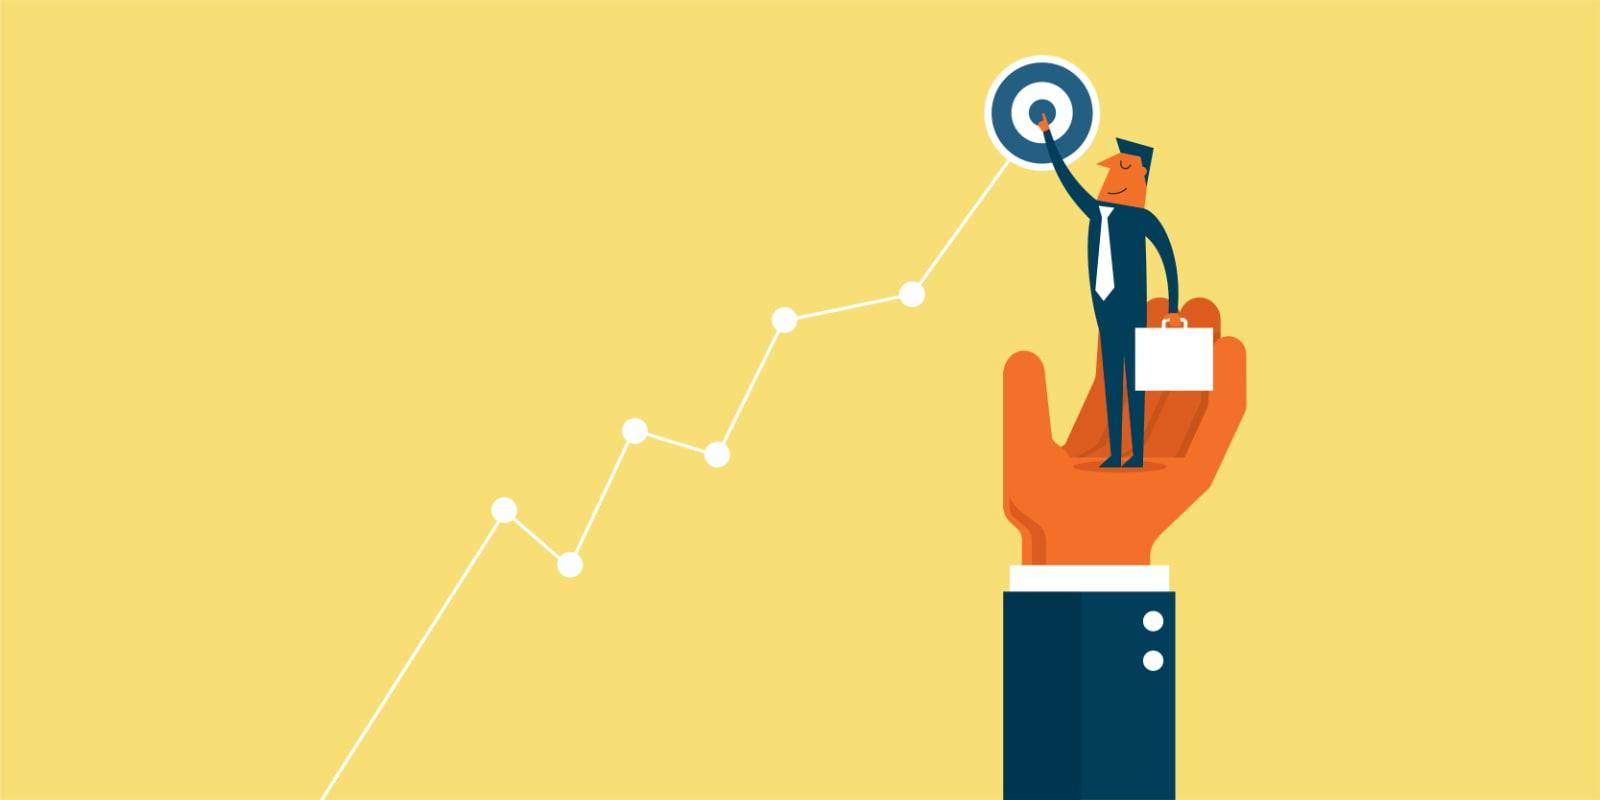 social media marketing set goals graphic